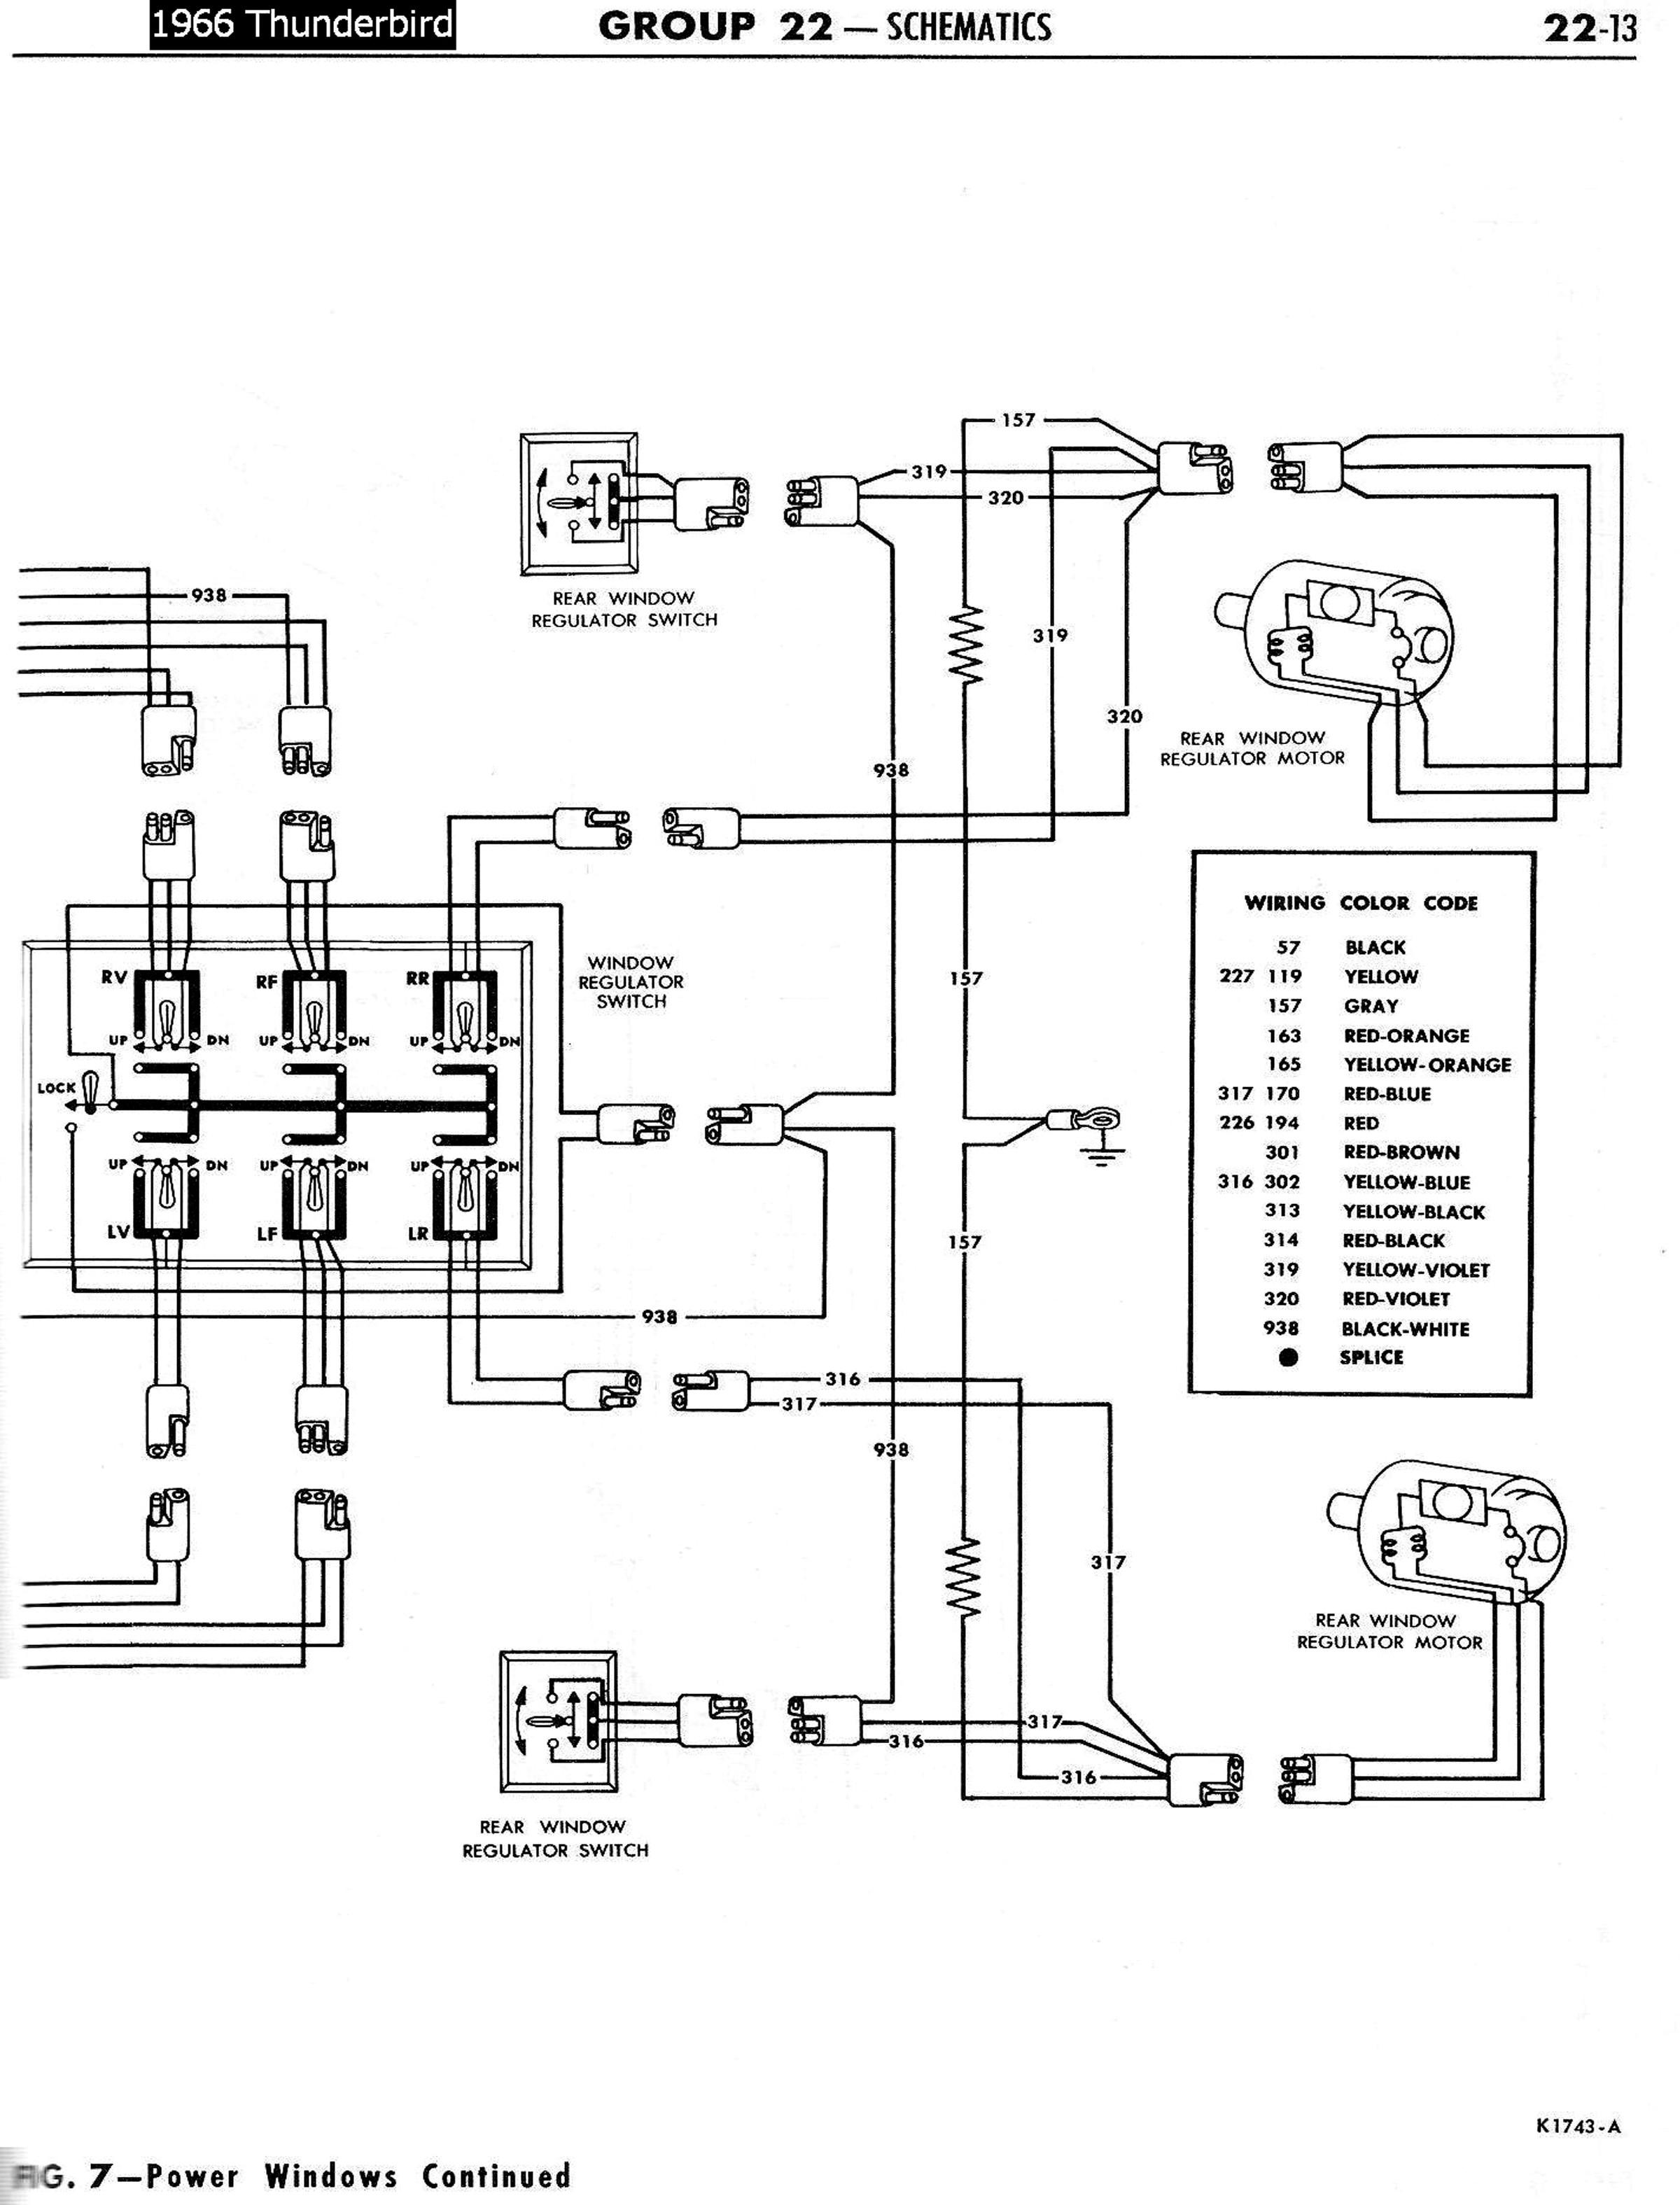 Turn Signal Wiring Diagram Motorcycle 1965 T Bird Wiring Diagram Turn Signals Wiring Diagram Of Turn Signal Wiring Diagram Motorcycle